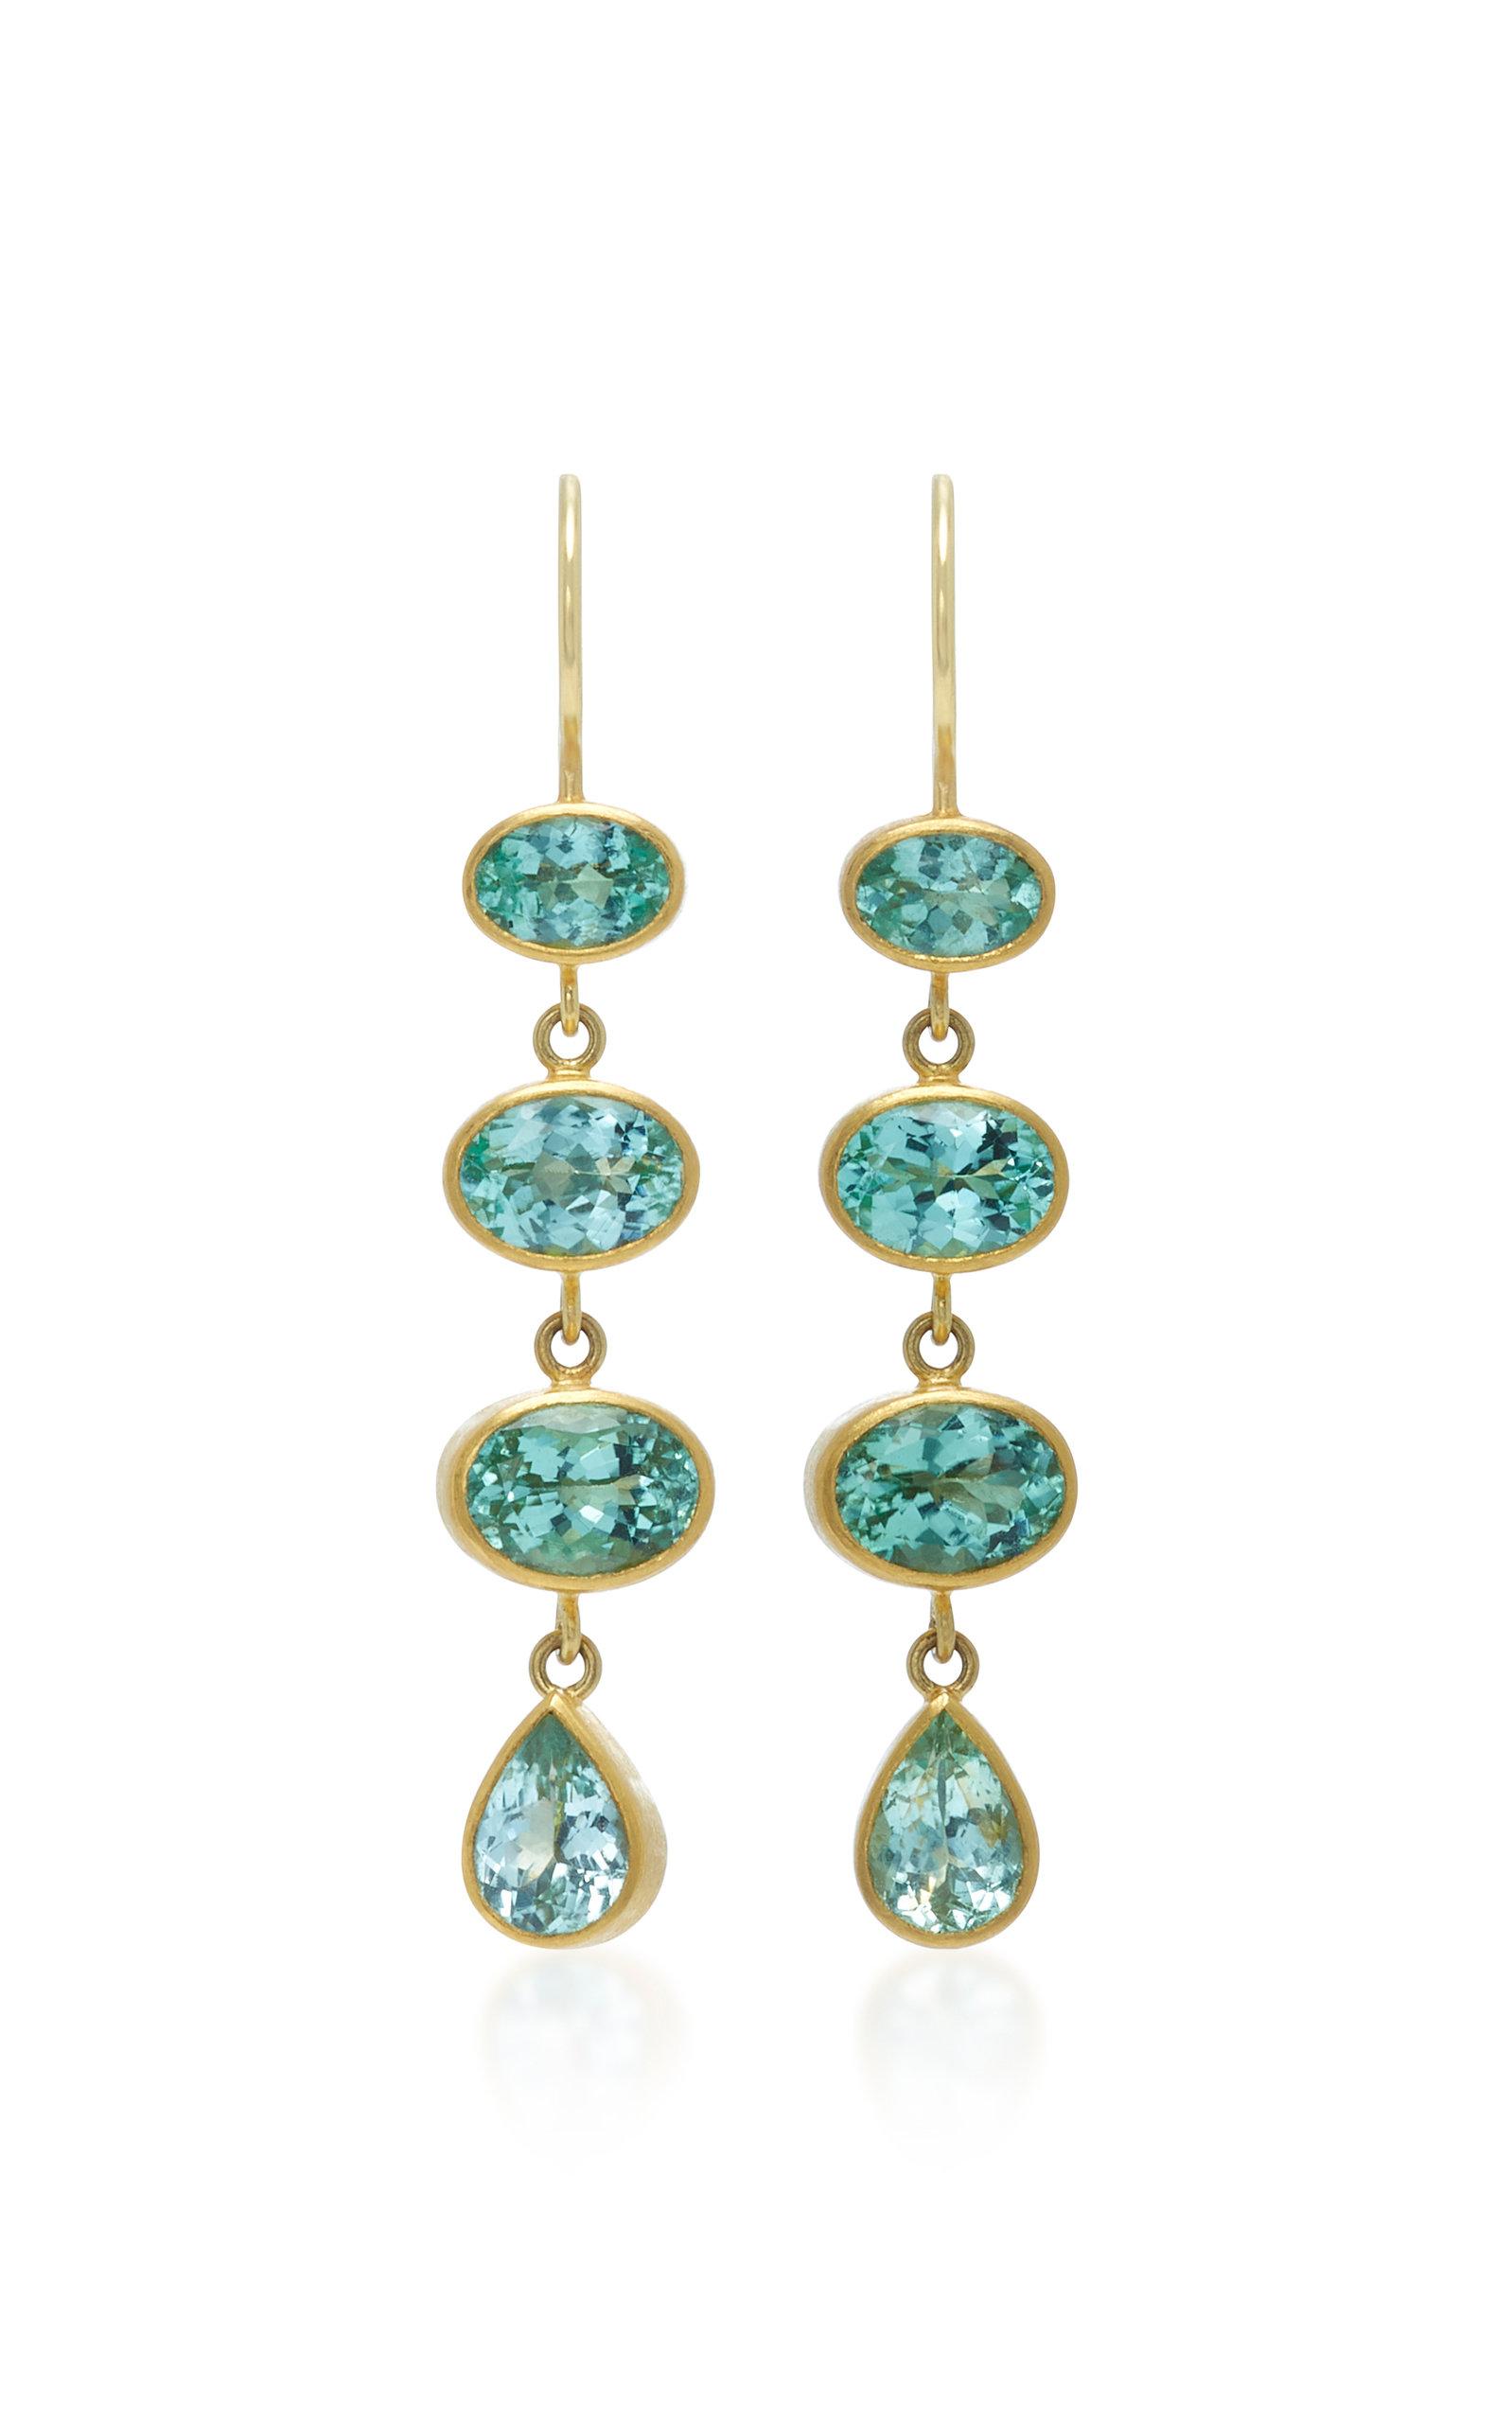 MALLARY MARKS 18K Gold Green Paraiba Earrings in Blue